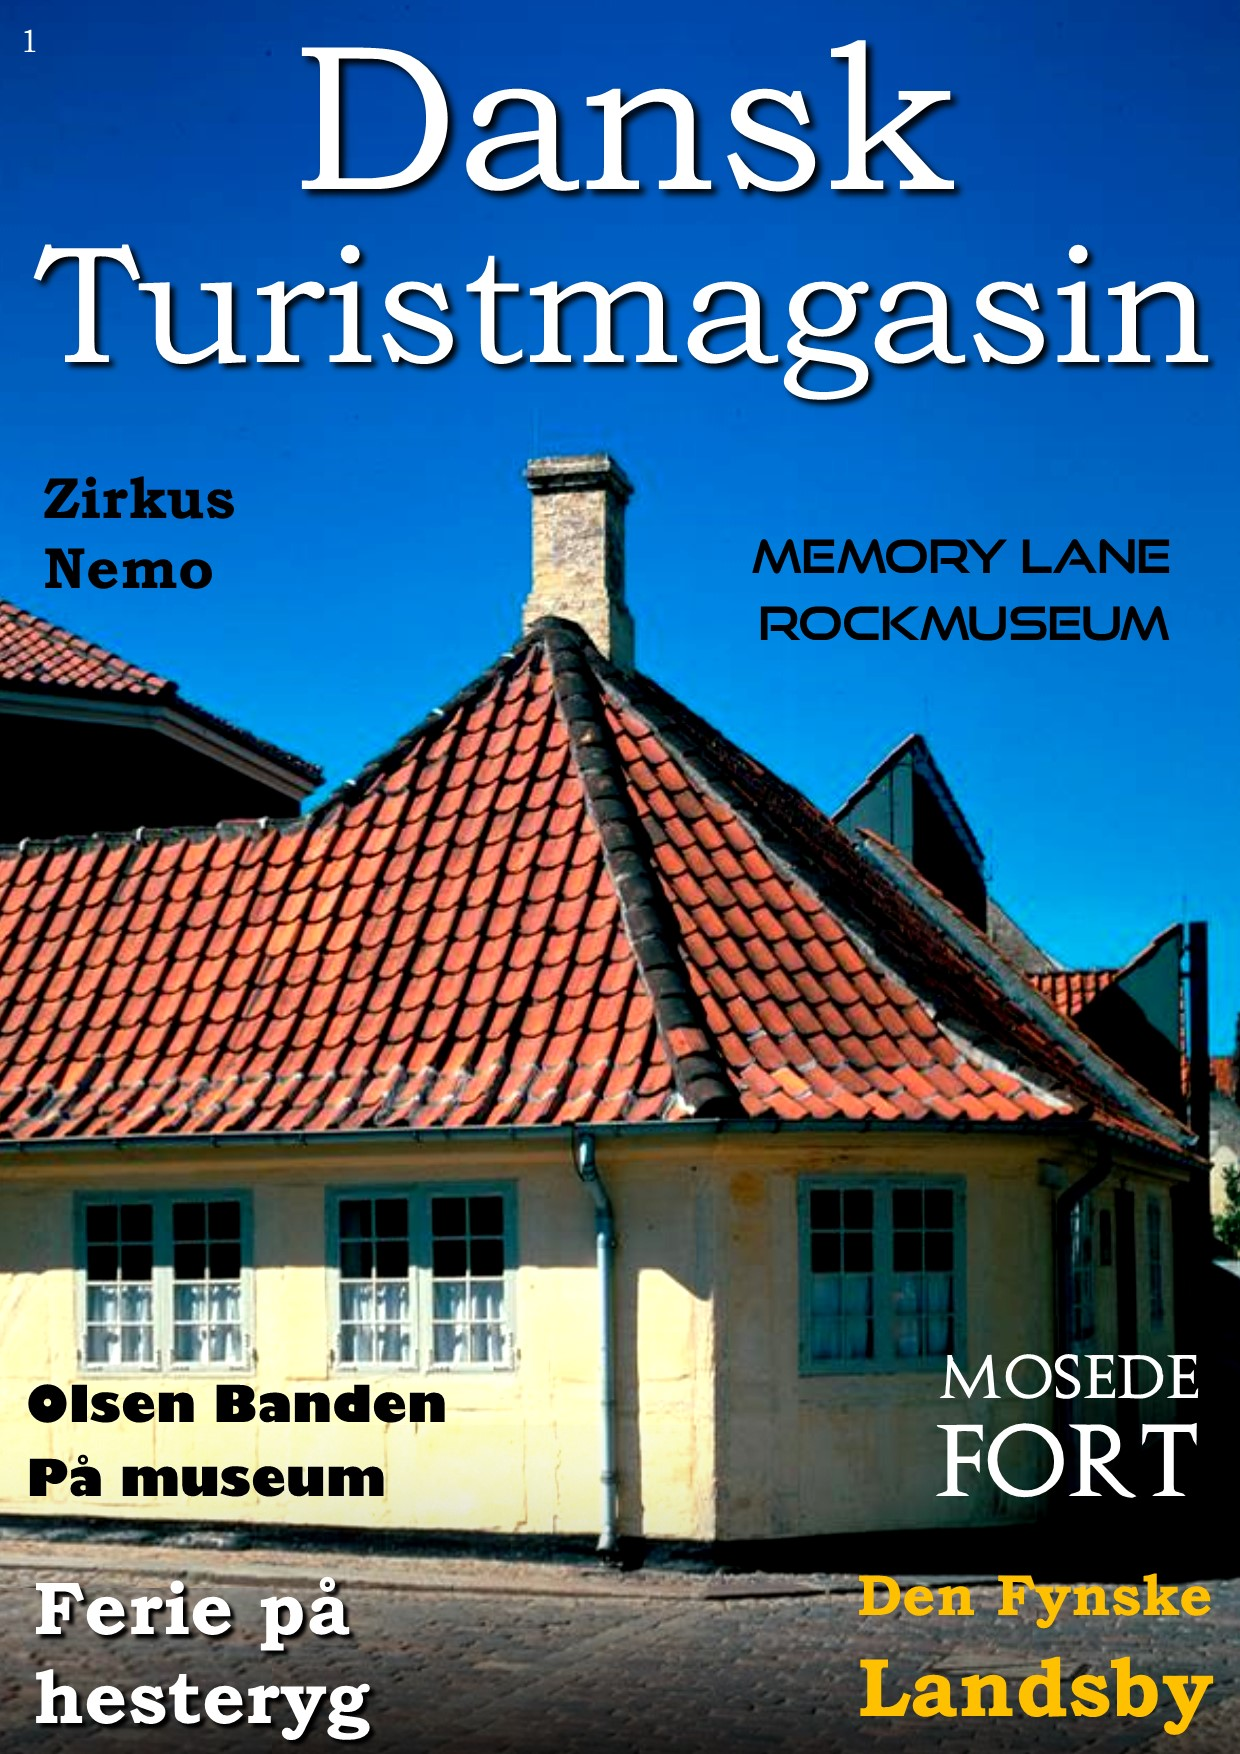 Dansk Turistmagasin